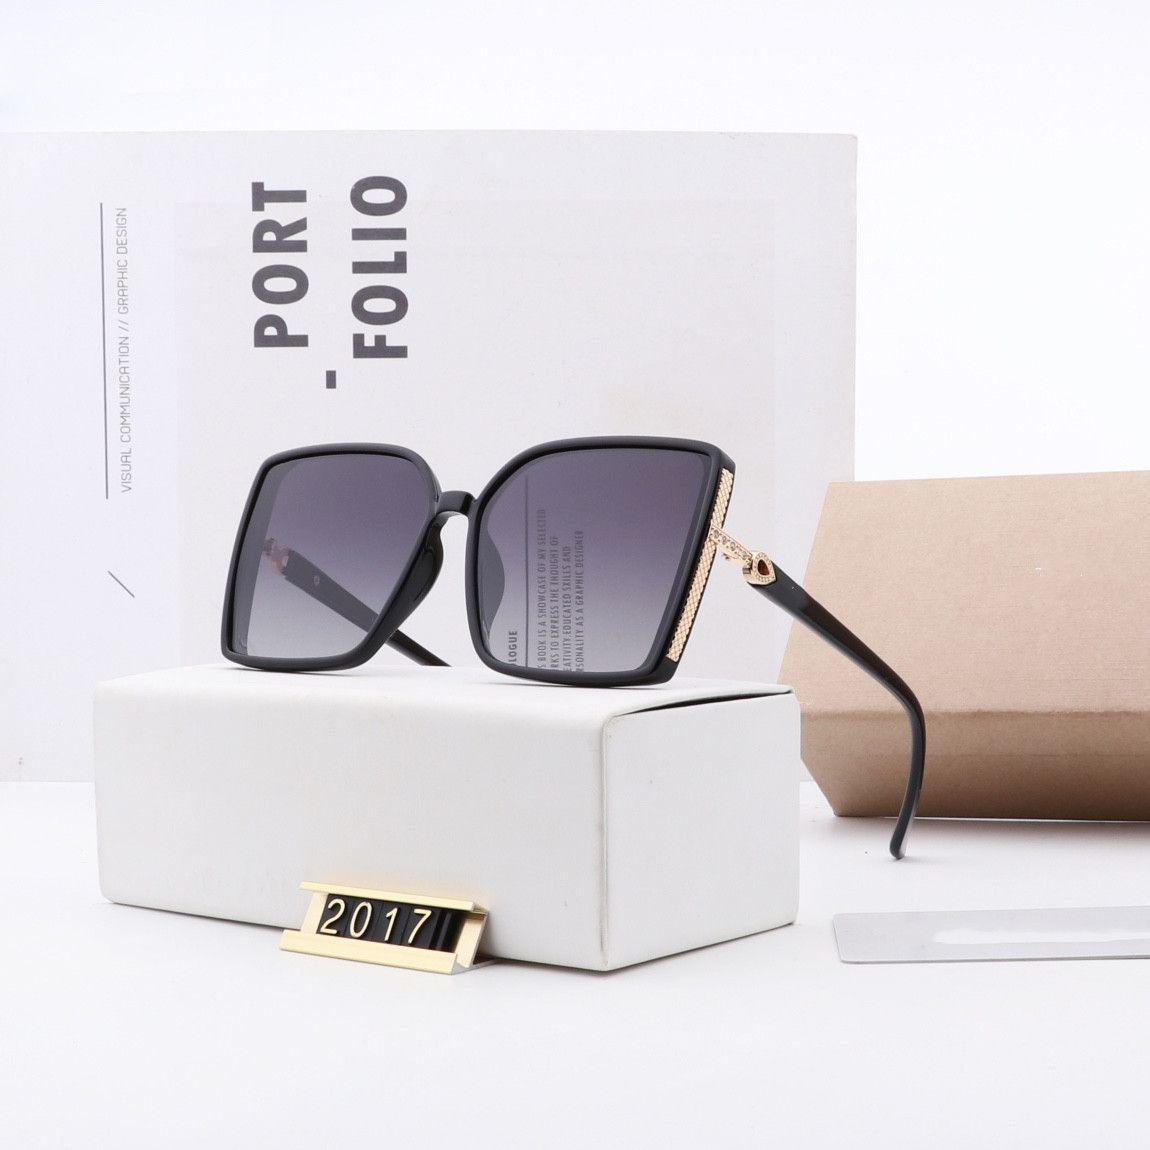 Eyeglasses Marca Clássica Condução Mulheres Beach Shade Polarized Metal Senhora Des Lunettes de Soléil Óculos De Sol ao ar livre Retro Eyewear WX24